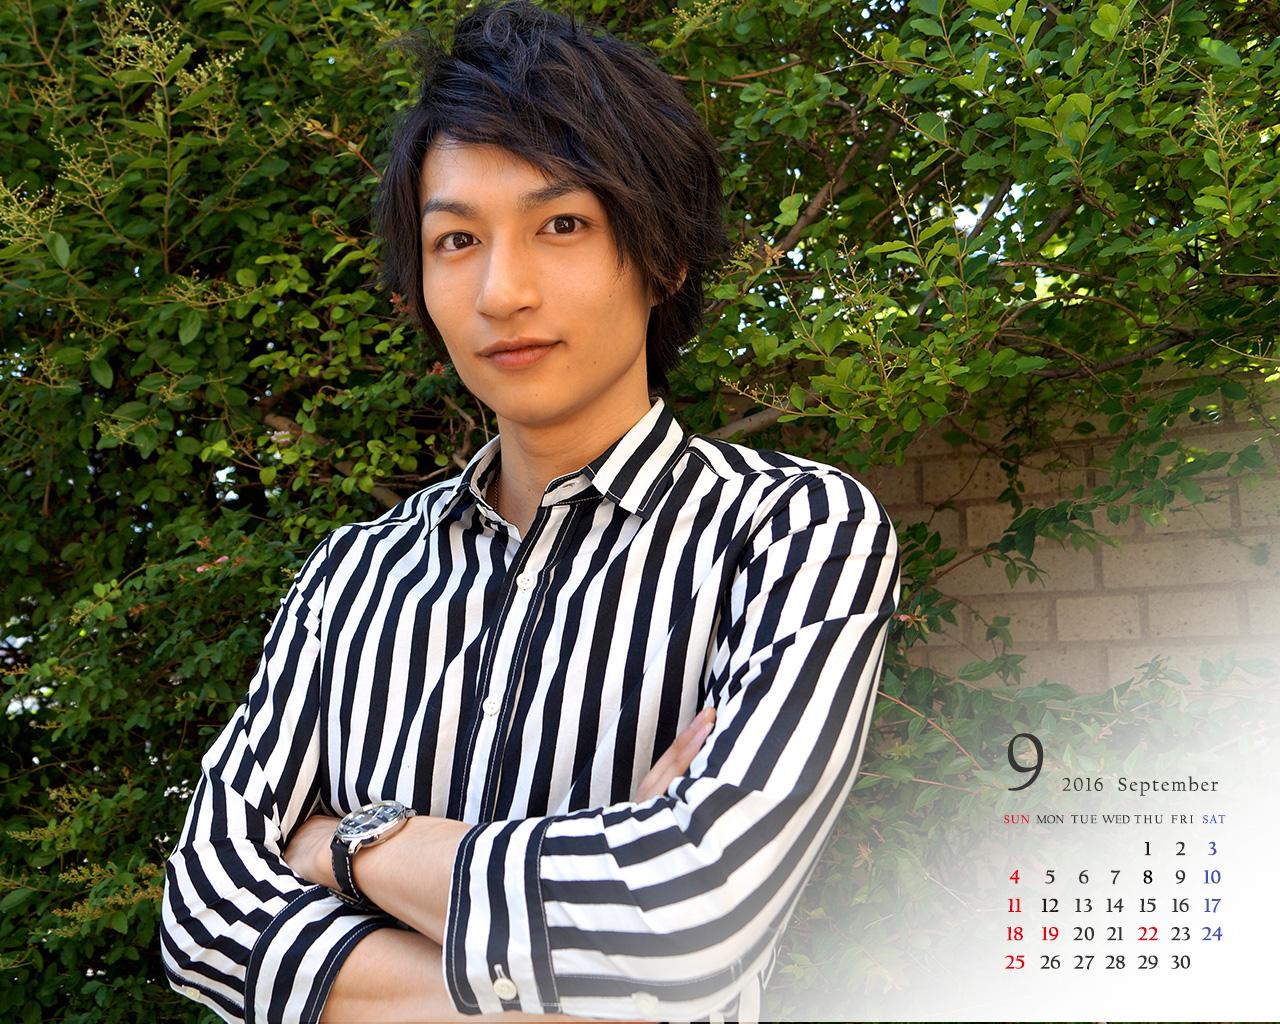 邑ser's guide 会員限定 壁紙(2016年9月カレンダー)